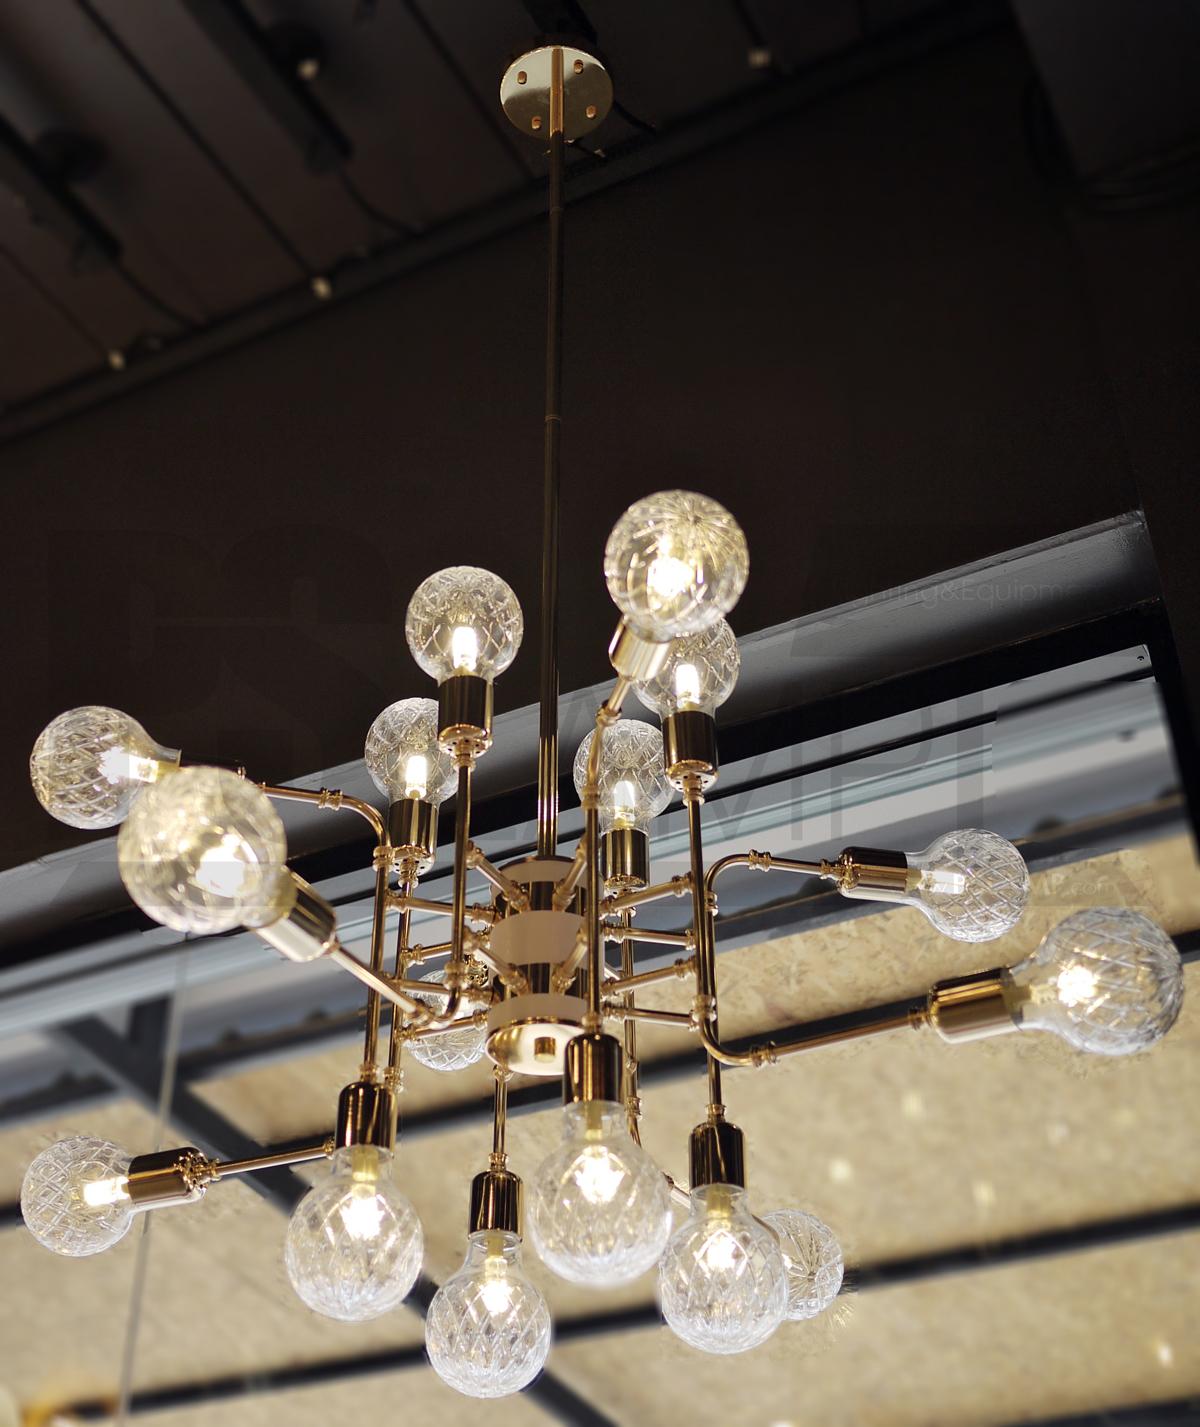 โคมไฟระย้า โคมไฟเพดาน โคมไฟแขวน โคมไฟโมเดิร์น โคมไฟช่อ LFC1022